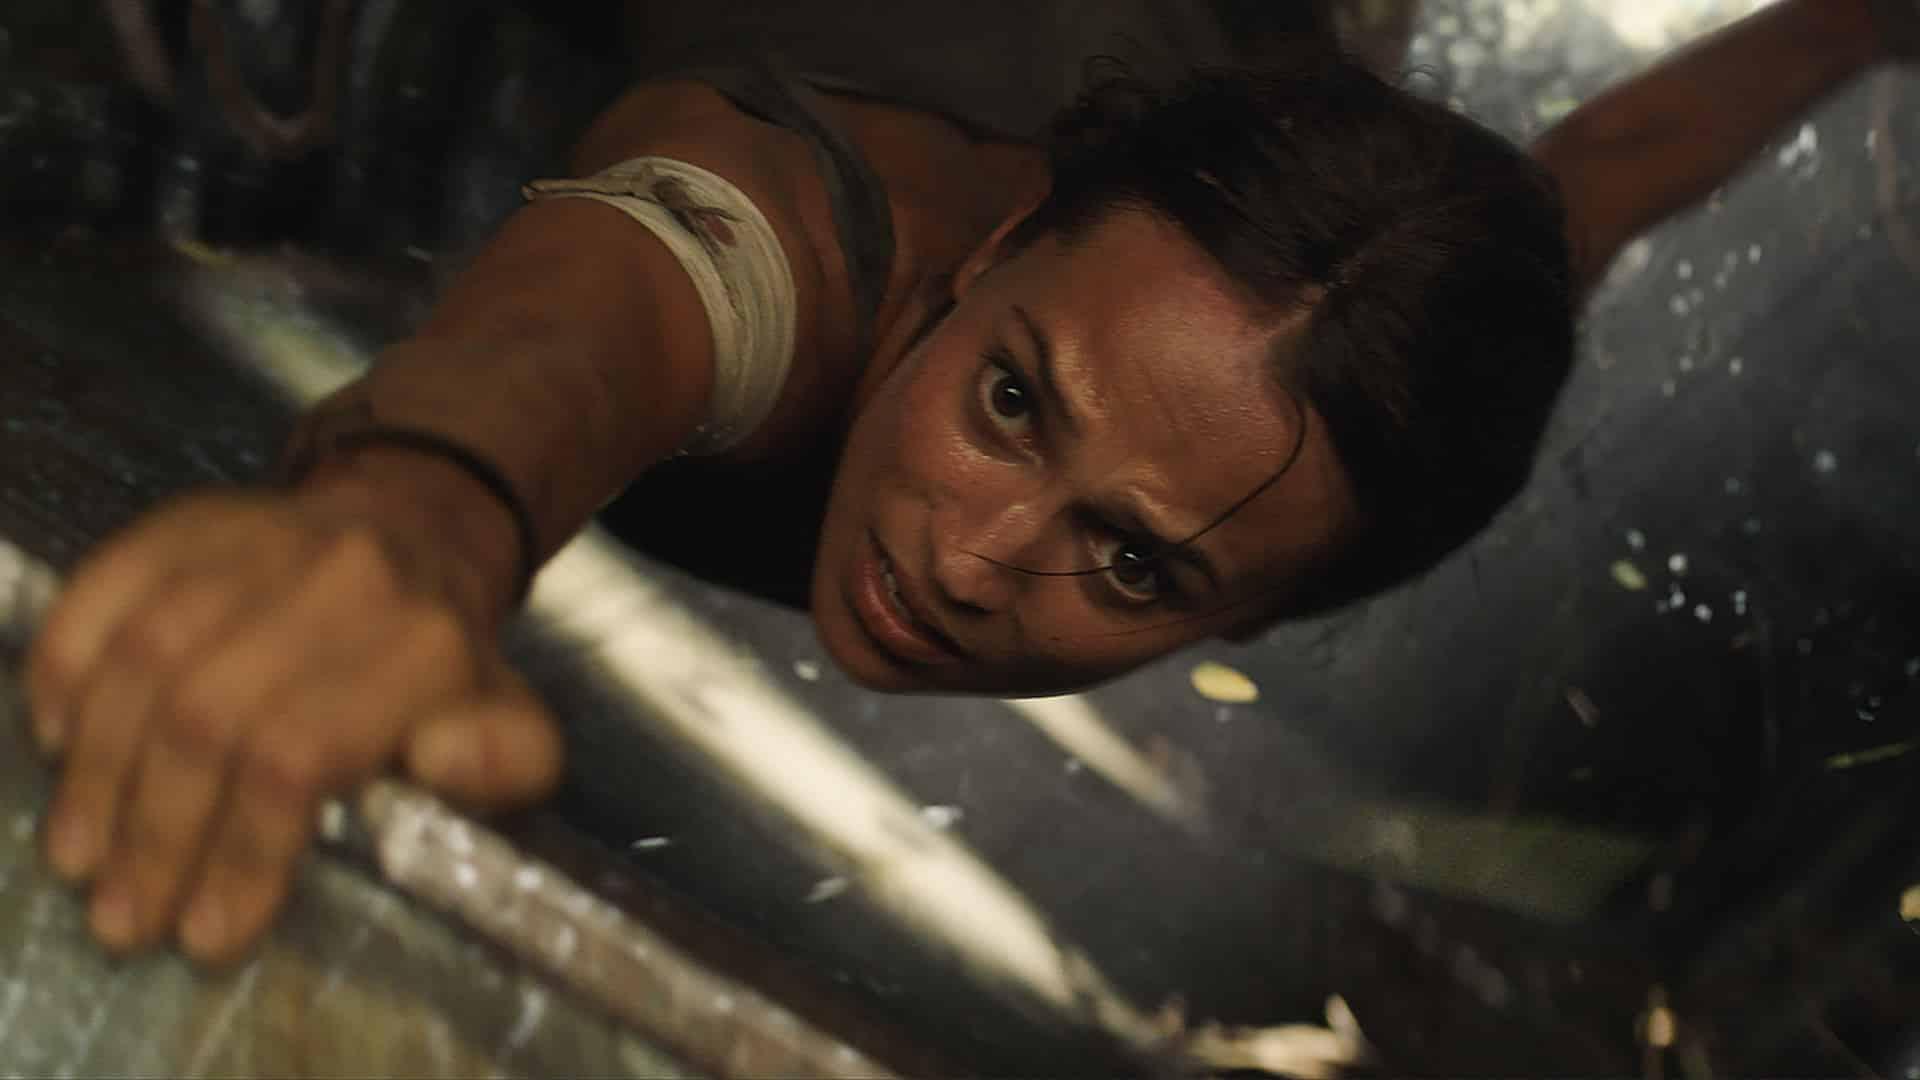 Alicia Vikander podáva fantastický výkon a naplno zosobňuje túto ikonickú hrdinku